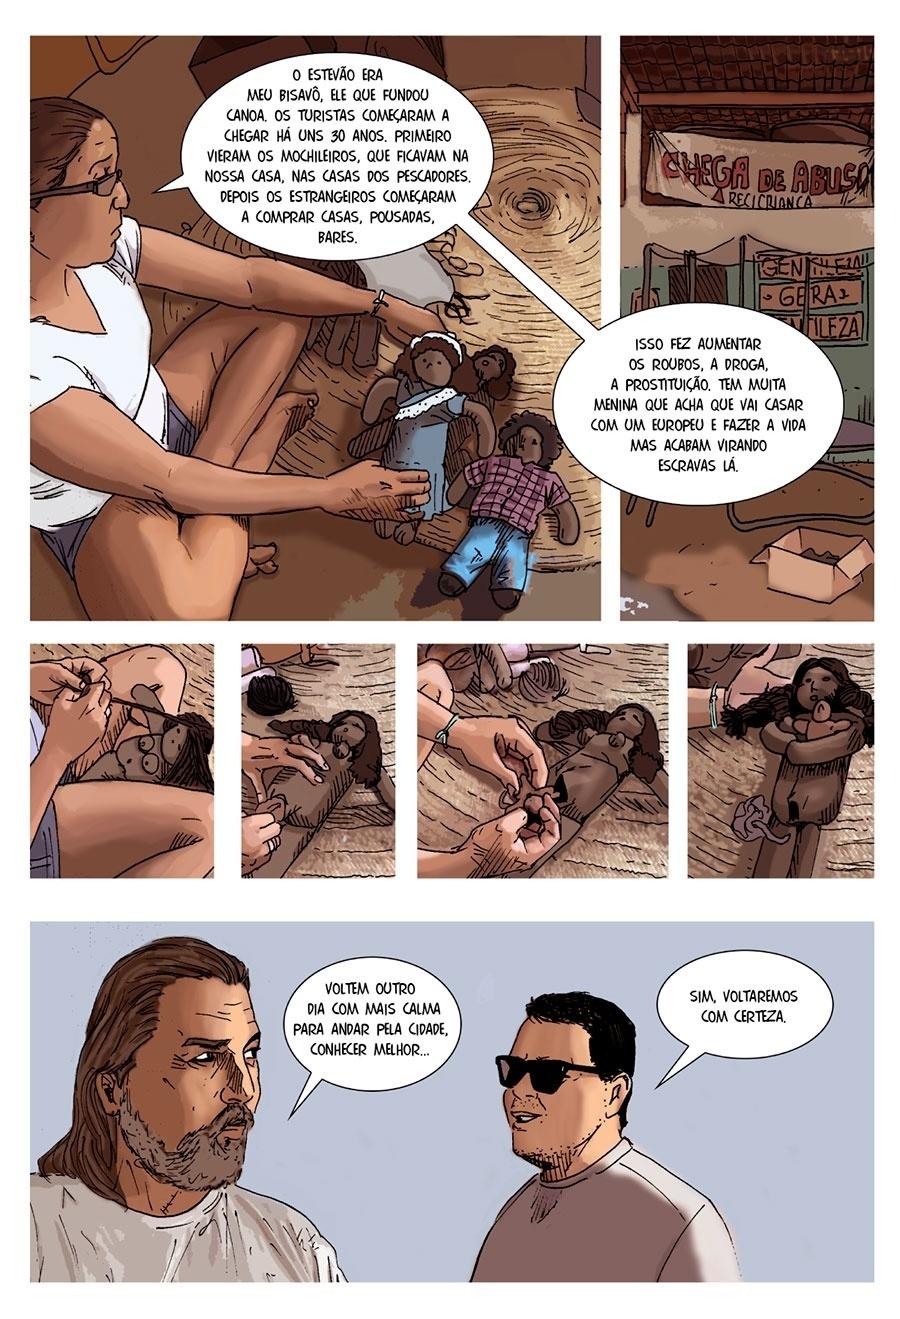 Capítulo 5: Uma moradora diz que a chegada dos estrangeiros à praia fez aumentar a prostituição, os roubos e as drogas.